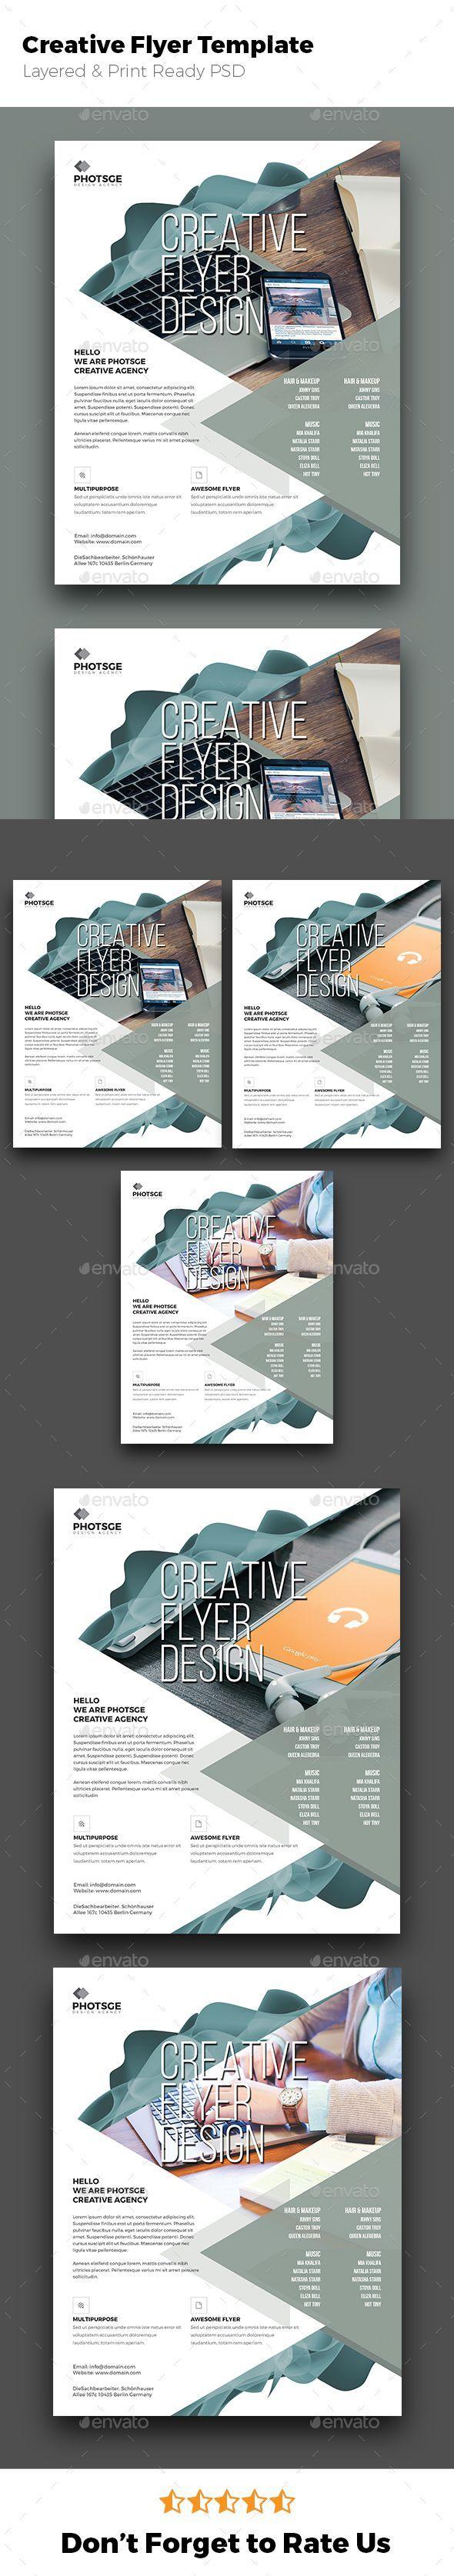 creative flyer design black blue both side design business card